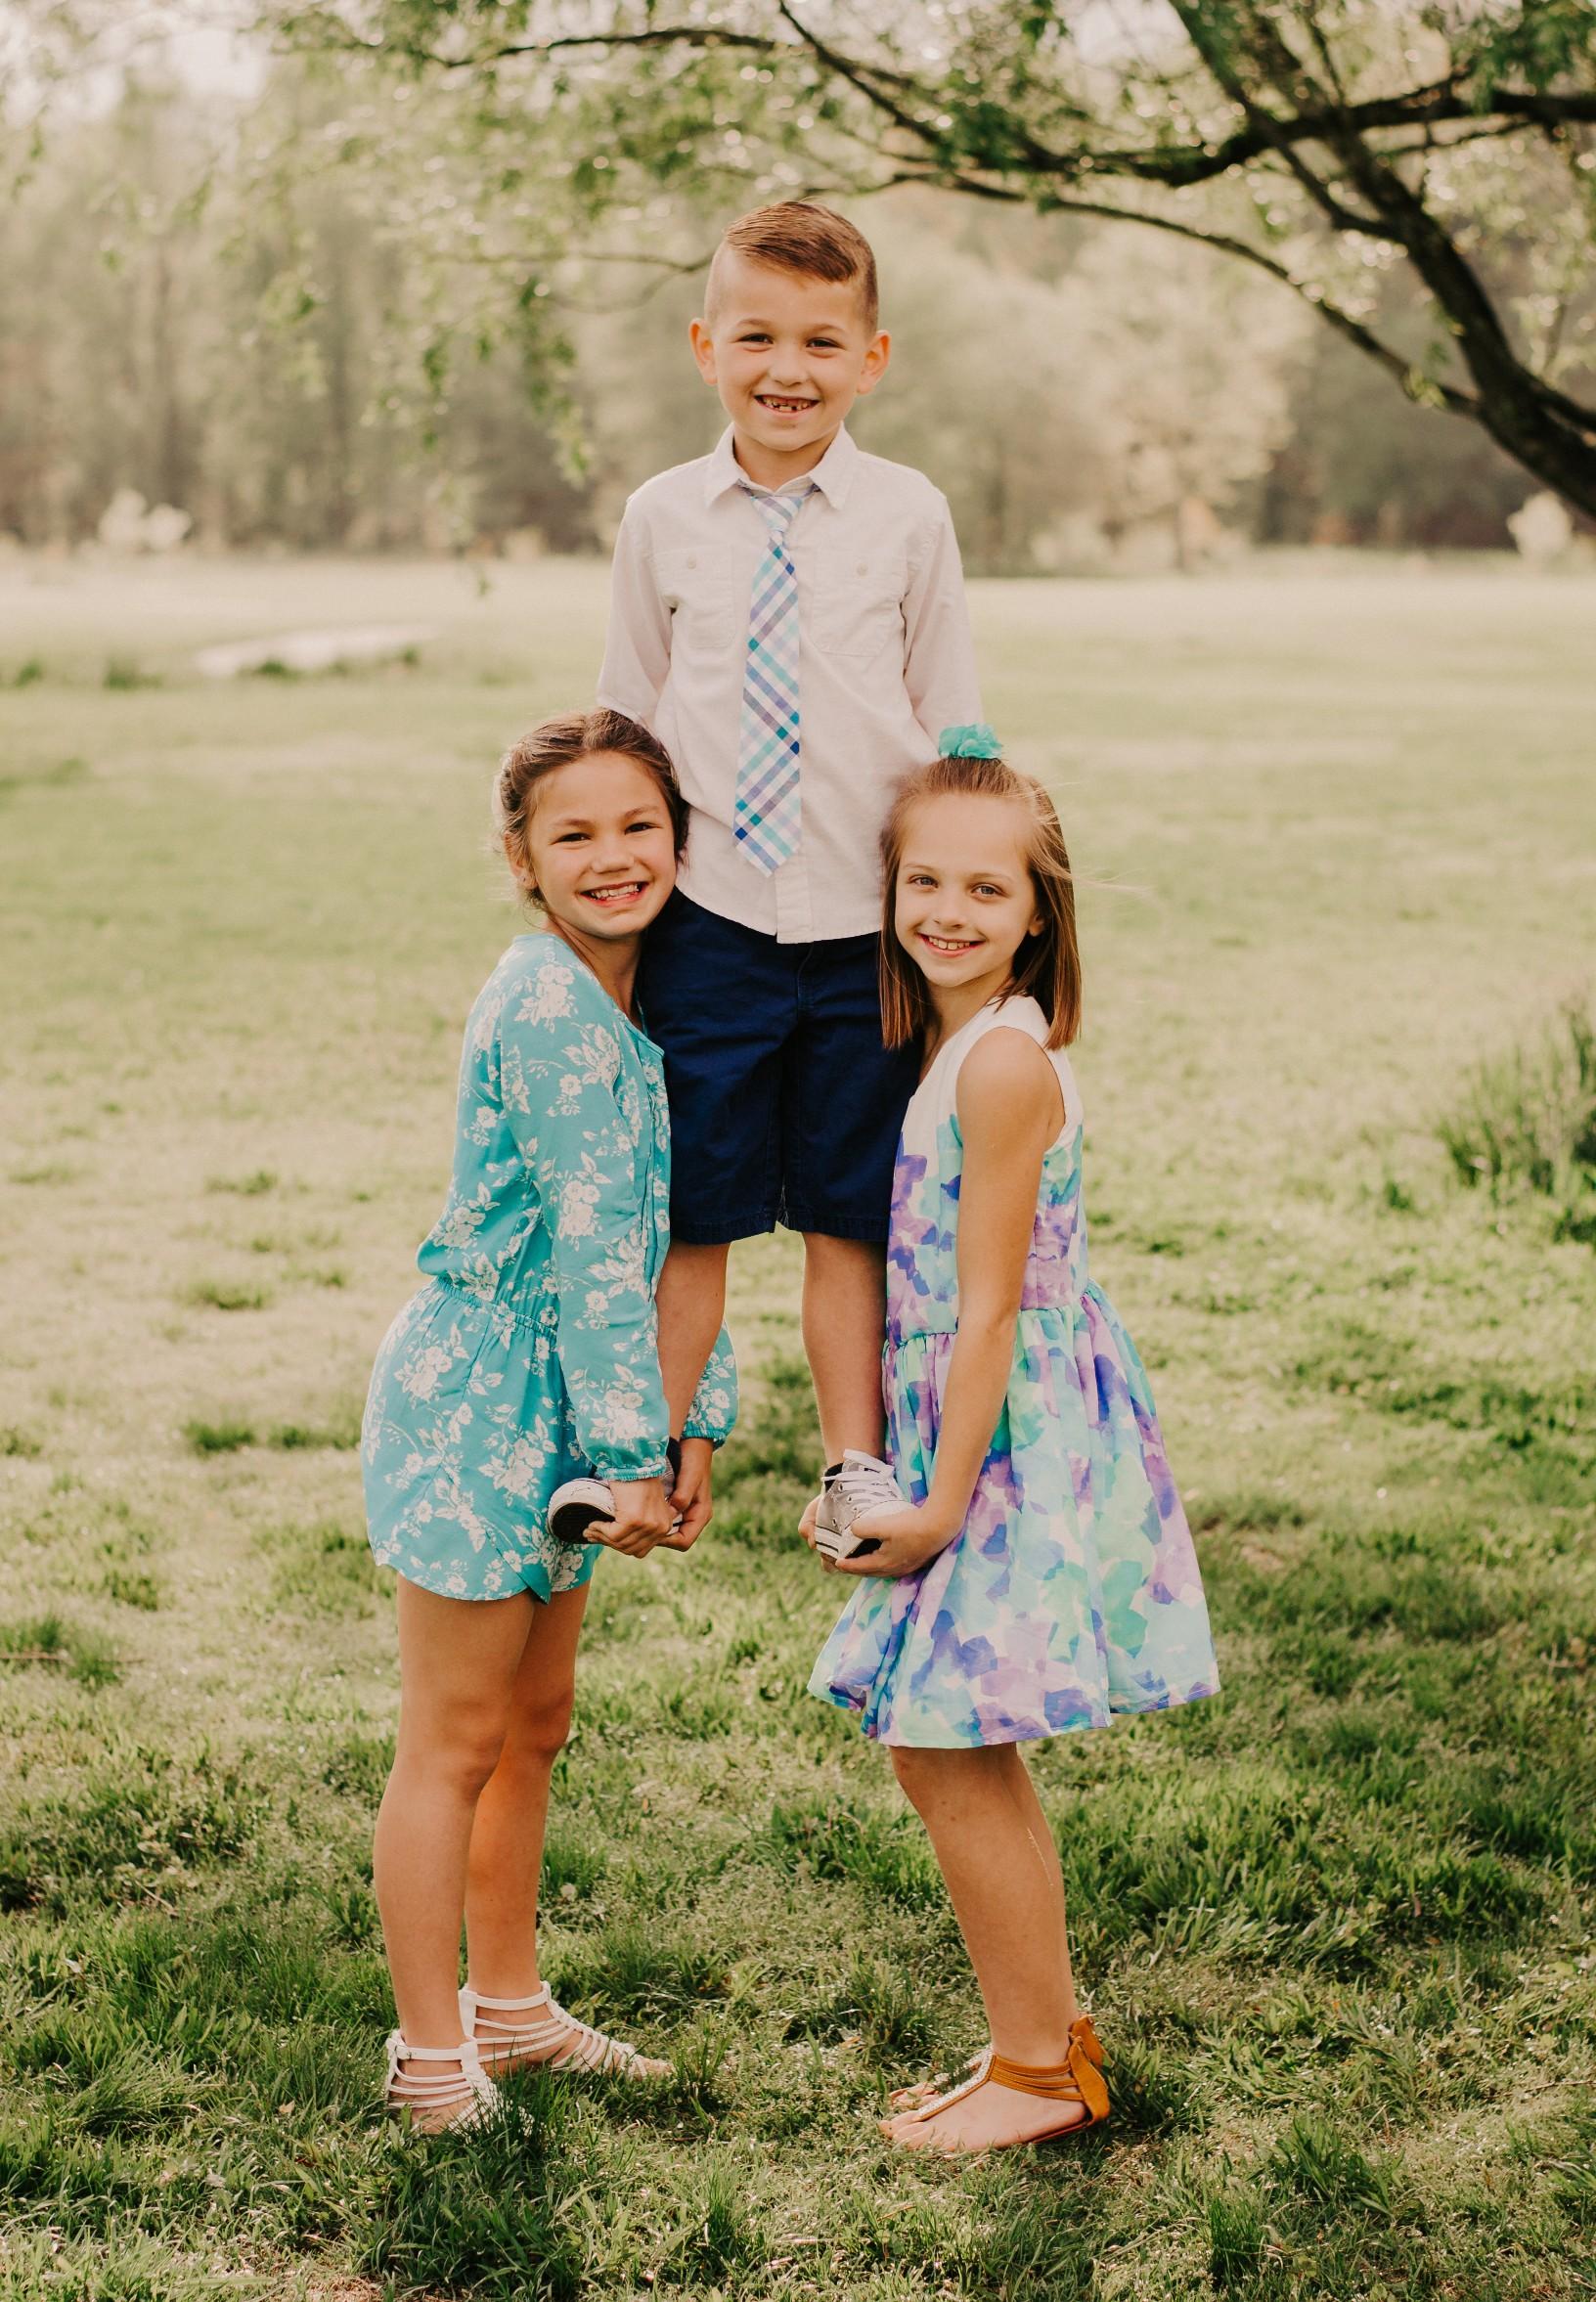 children-photography-lee-family.jpg.